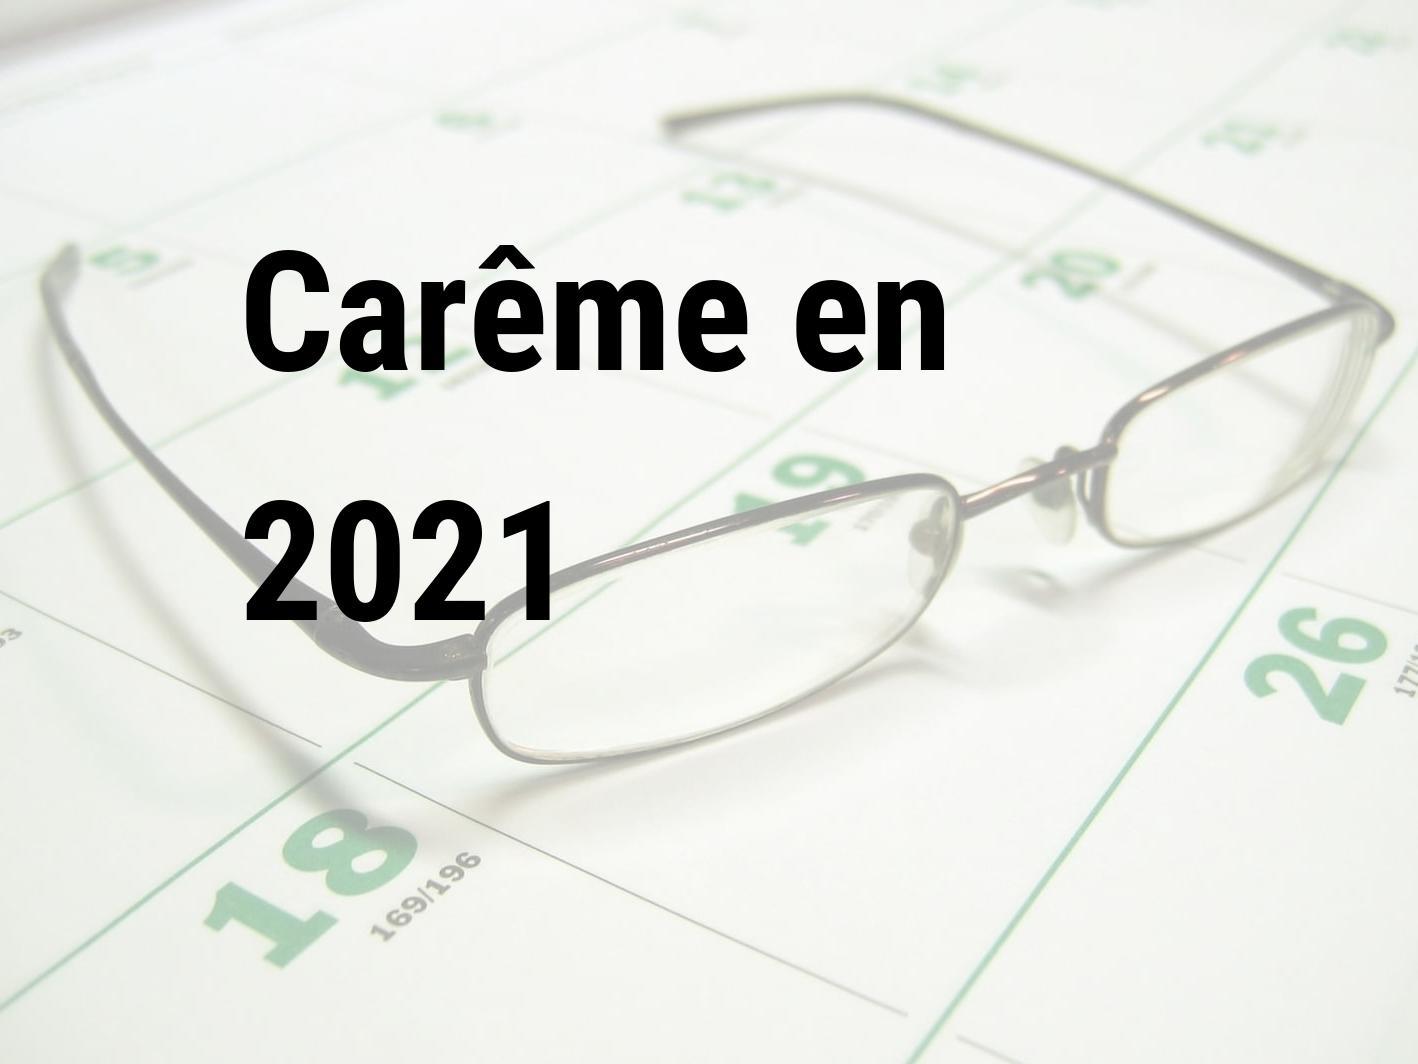 Carême 2021. Quand est le Carême en 2021 | Calendar Center